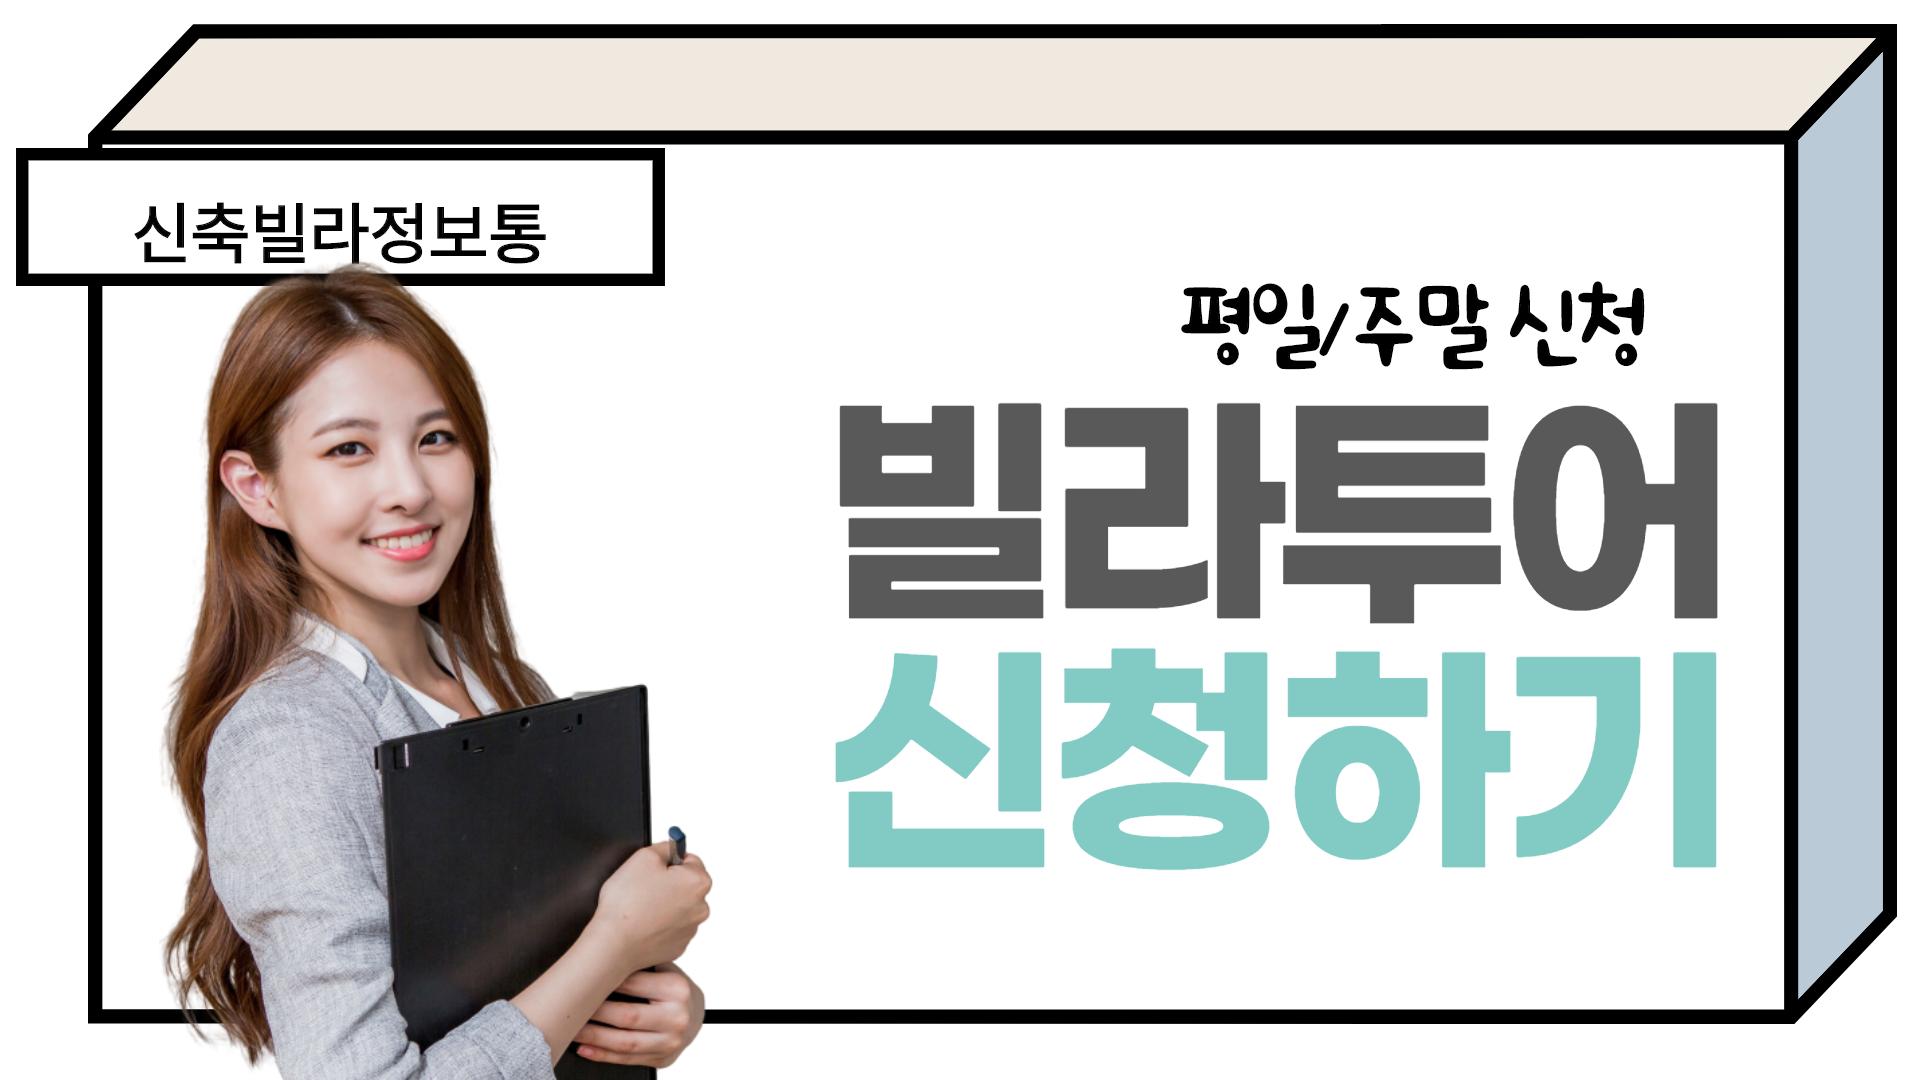 서울 인천 부천 일산 고양 파주 신축빌라 정보제공